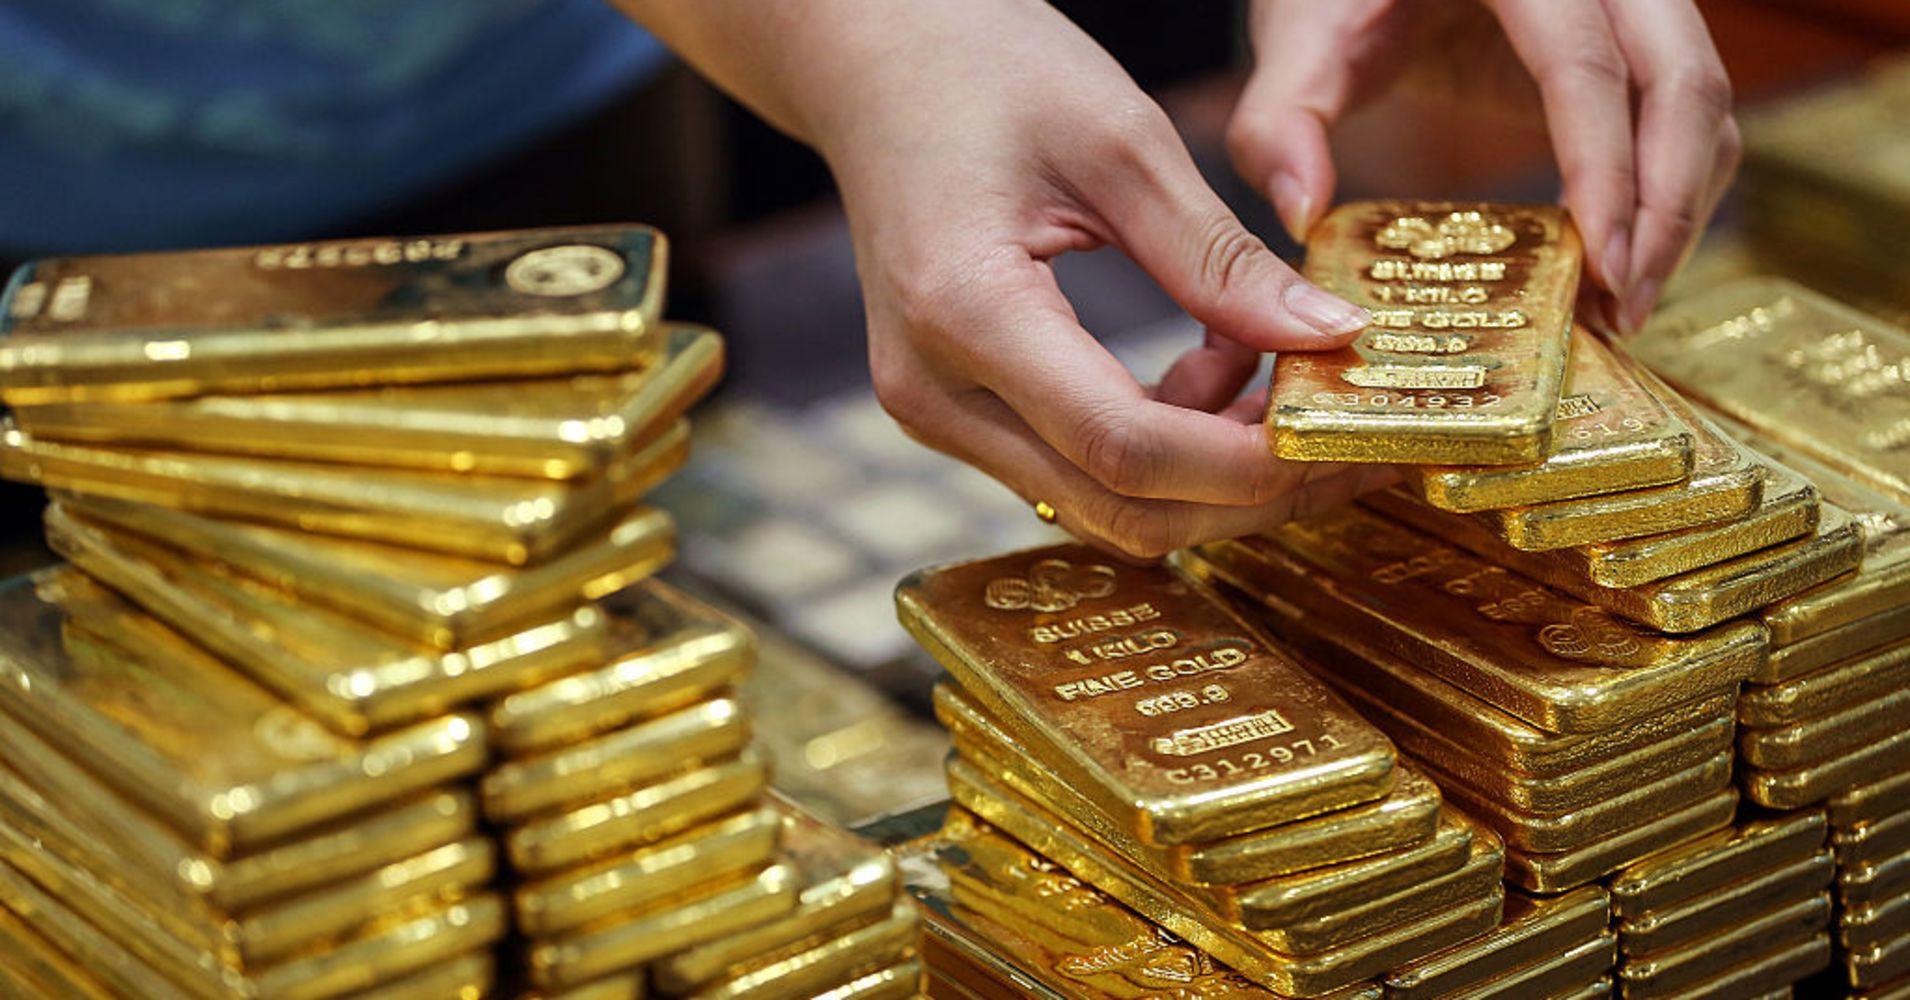 Standard Chartered: Giá vàng sẽ bứt phá và lên đến 1.375 USD trong 2020 - Ảnh 1.